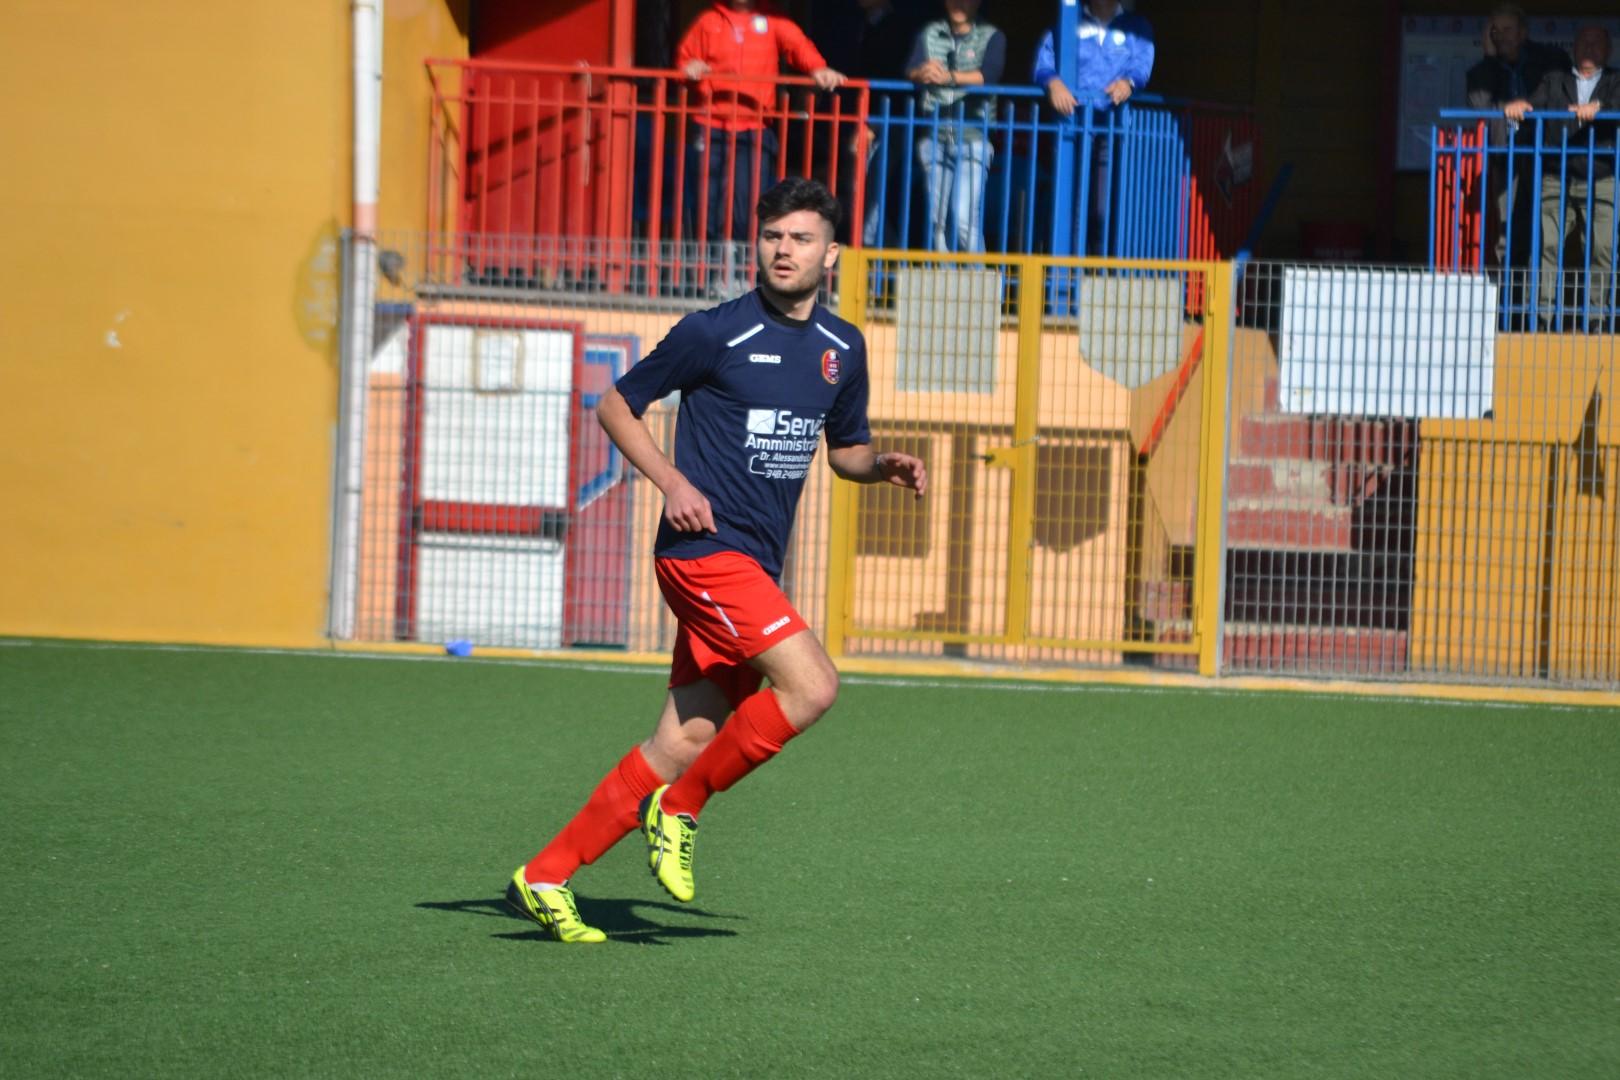 Andrea Taglienti